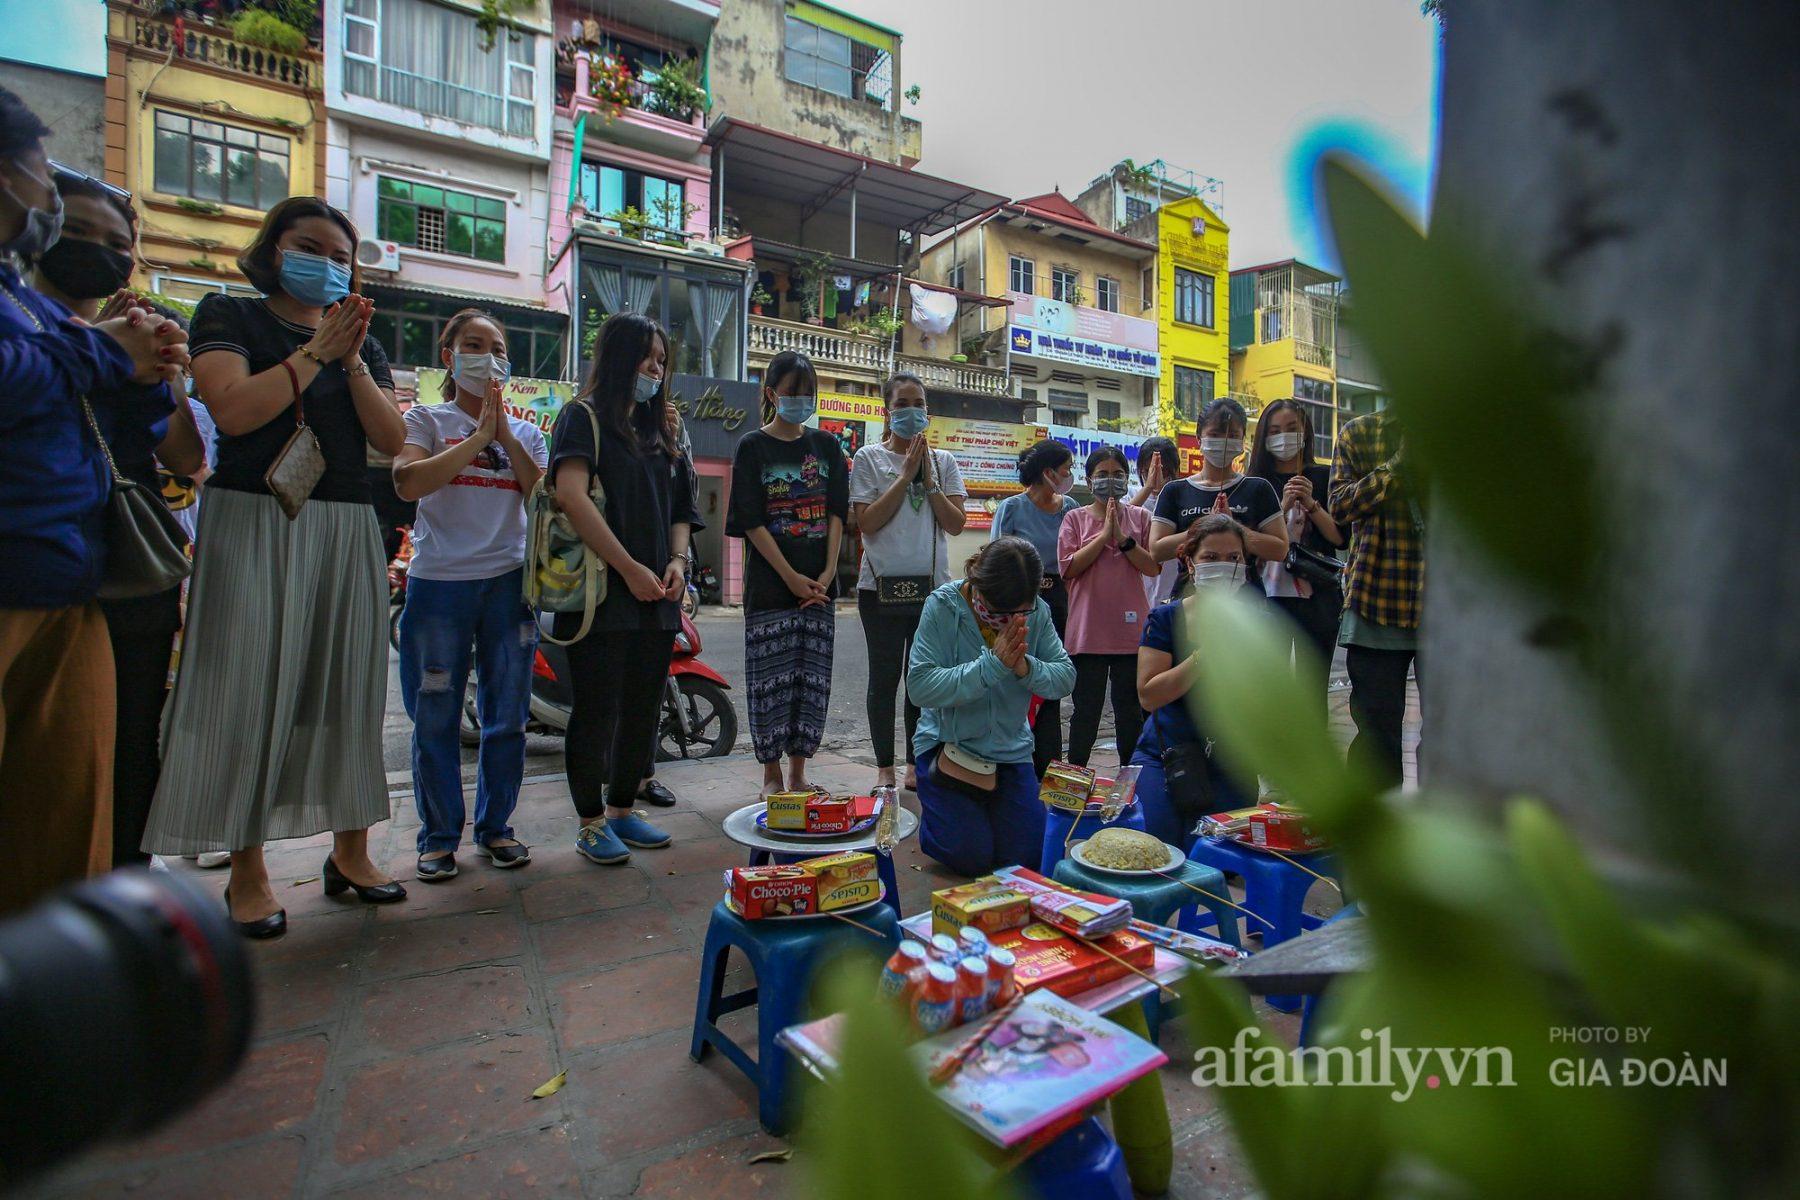 Sĩ tử Hà Nội mang bóng đèn tới Văn Miếu cầu may trước kỳ thi quan trọng nhất đời